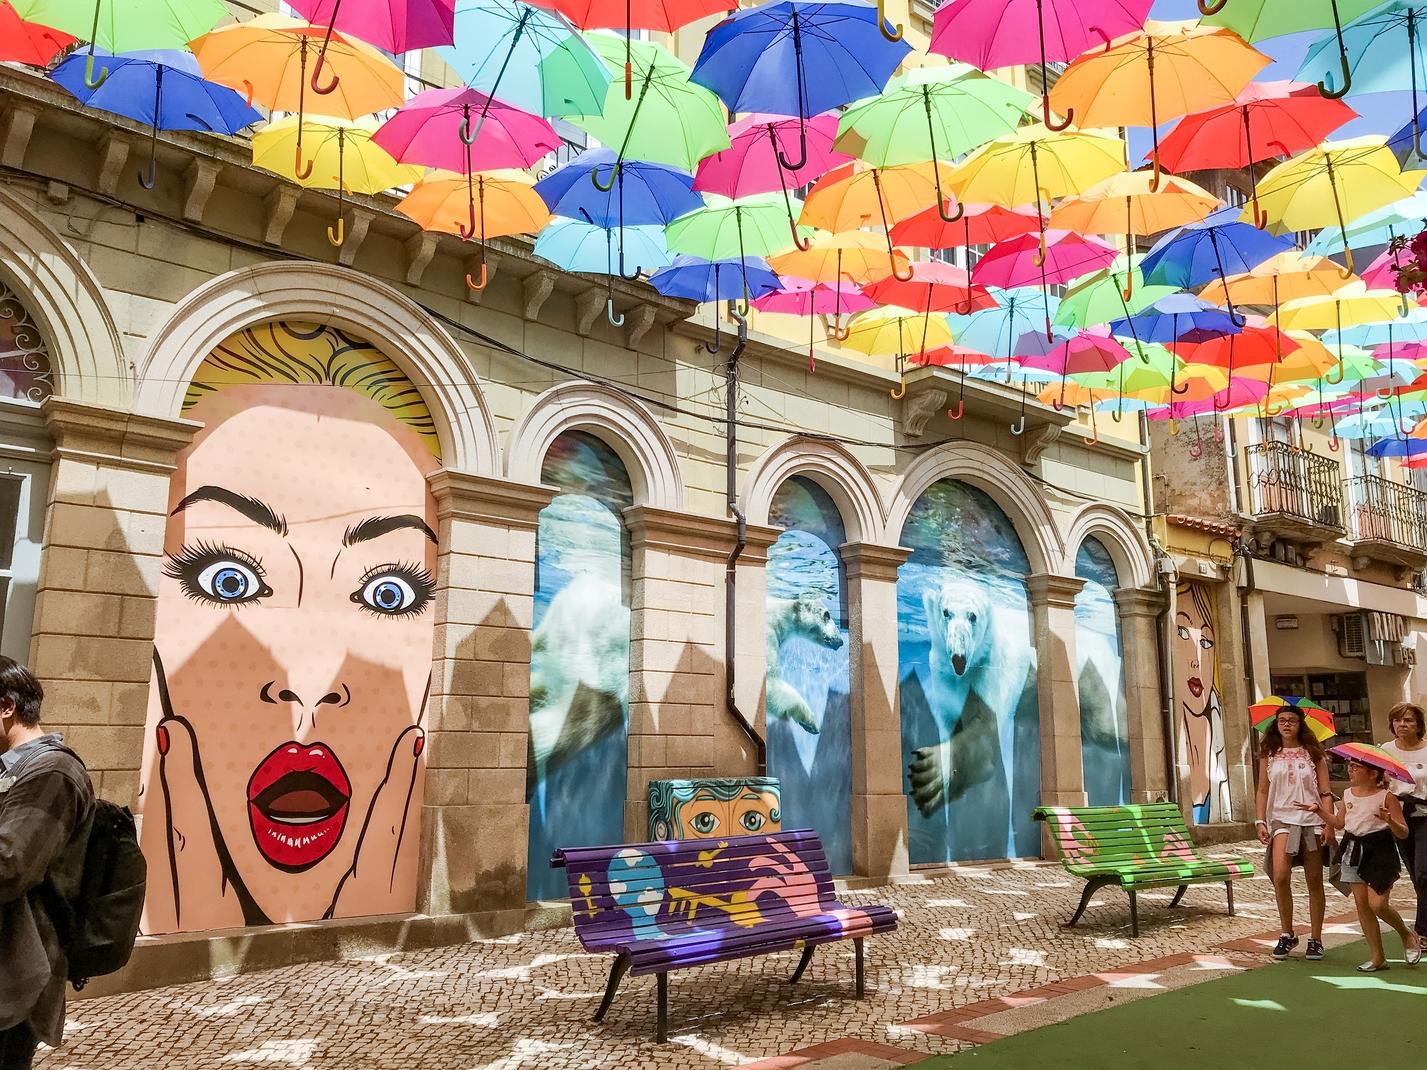 Umbrella Sky Project - Águeda'18